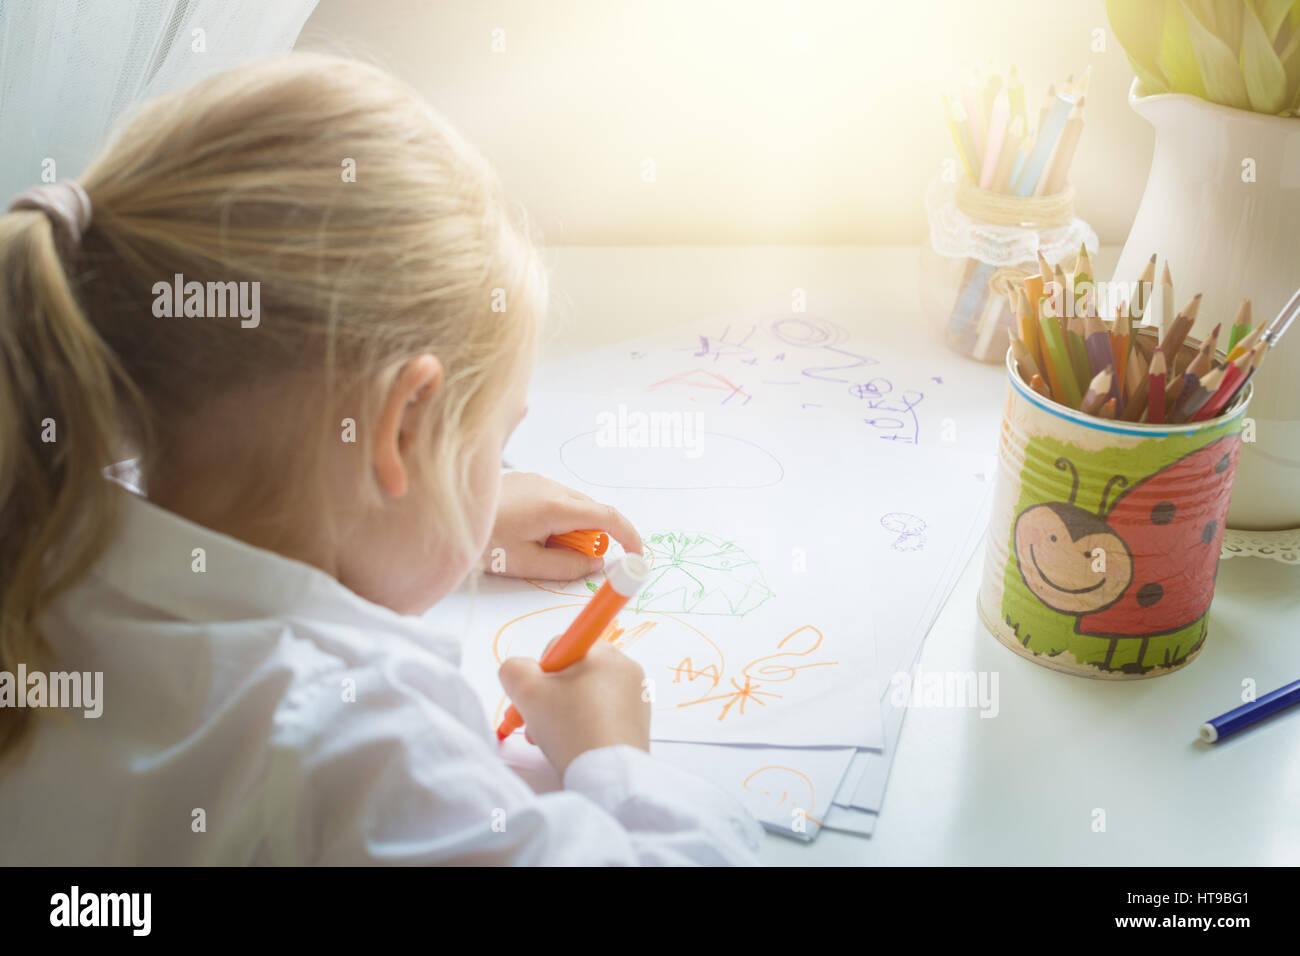 Kreativität Konzept. Kleines Mädchen Zeichnung Stockbild